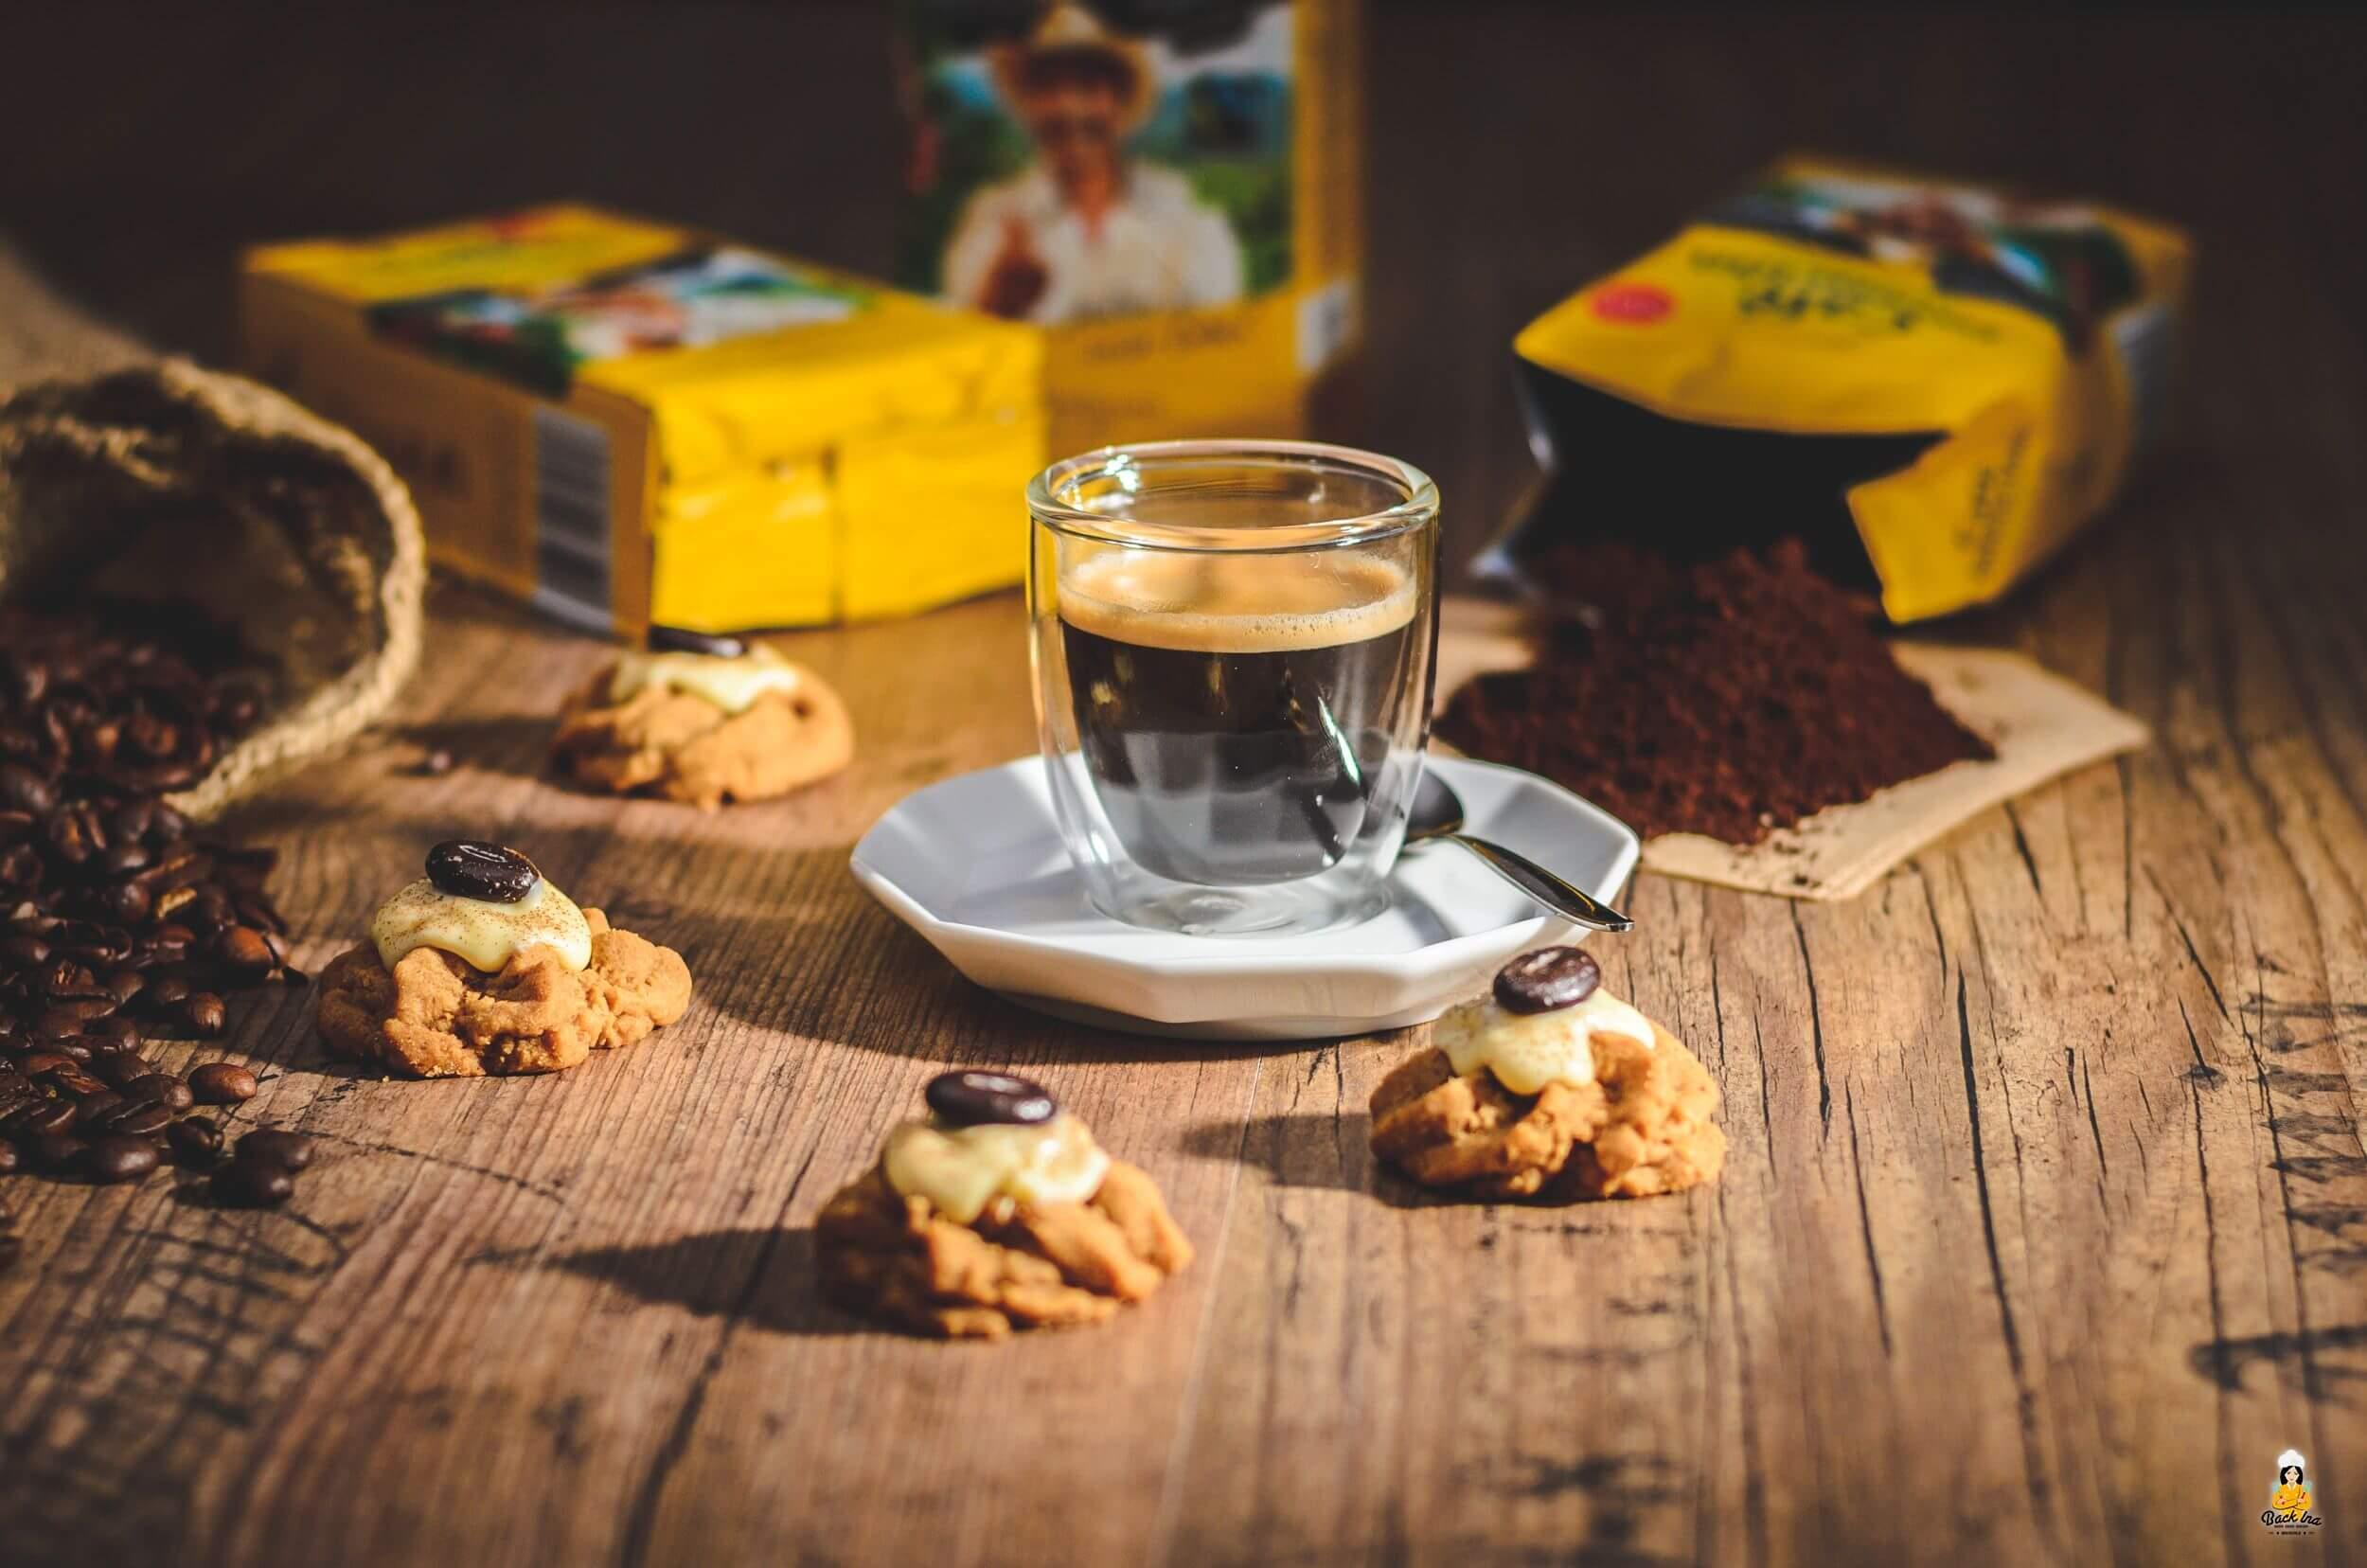 Kaffee Spritzgebäck als Begleiter zum Espresso